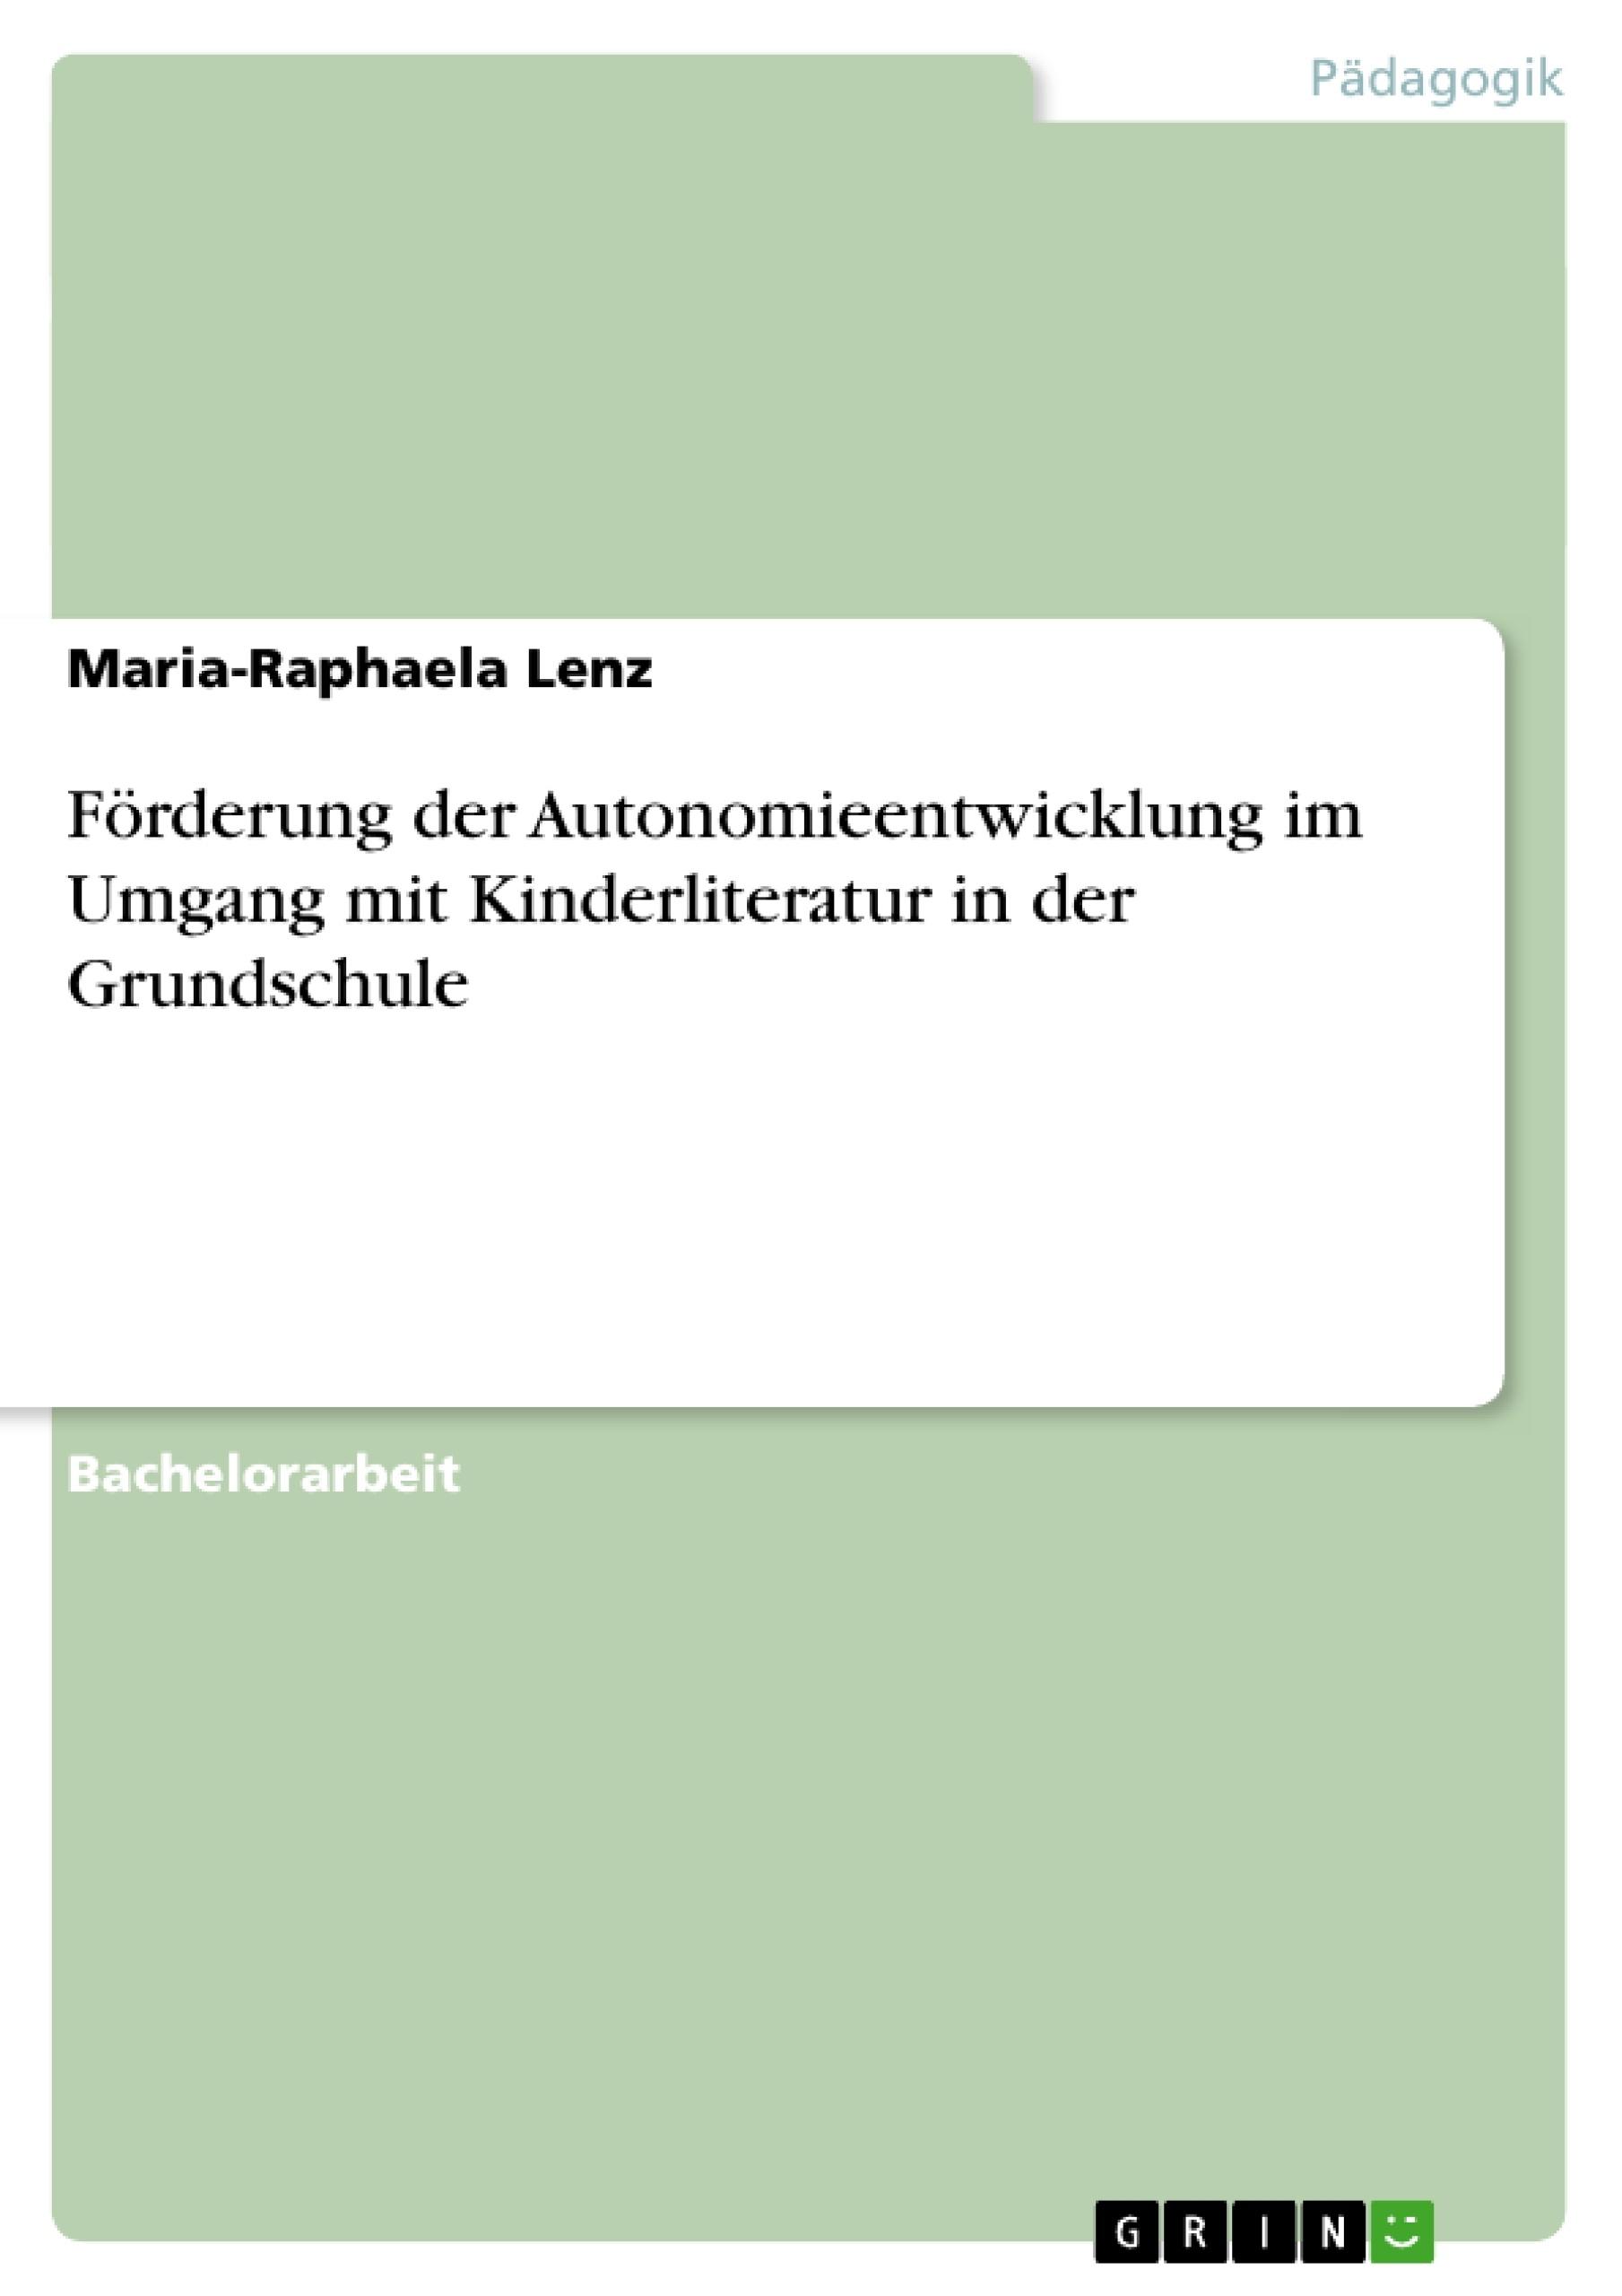 Titel: Förderung der Autonomieentwicklung im Umgang mit Kinderliteratur in der Grundschule